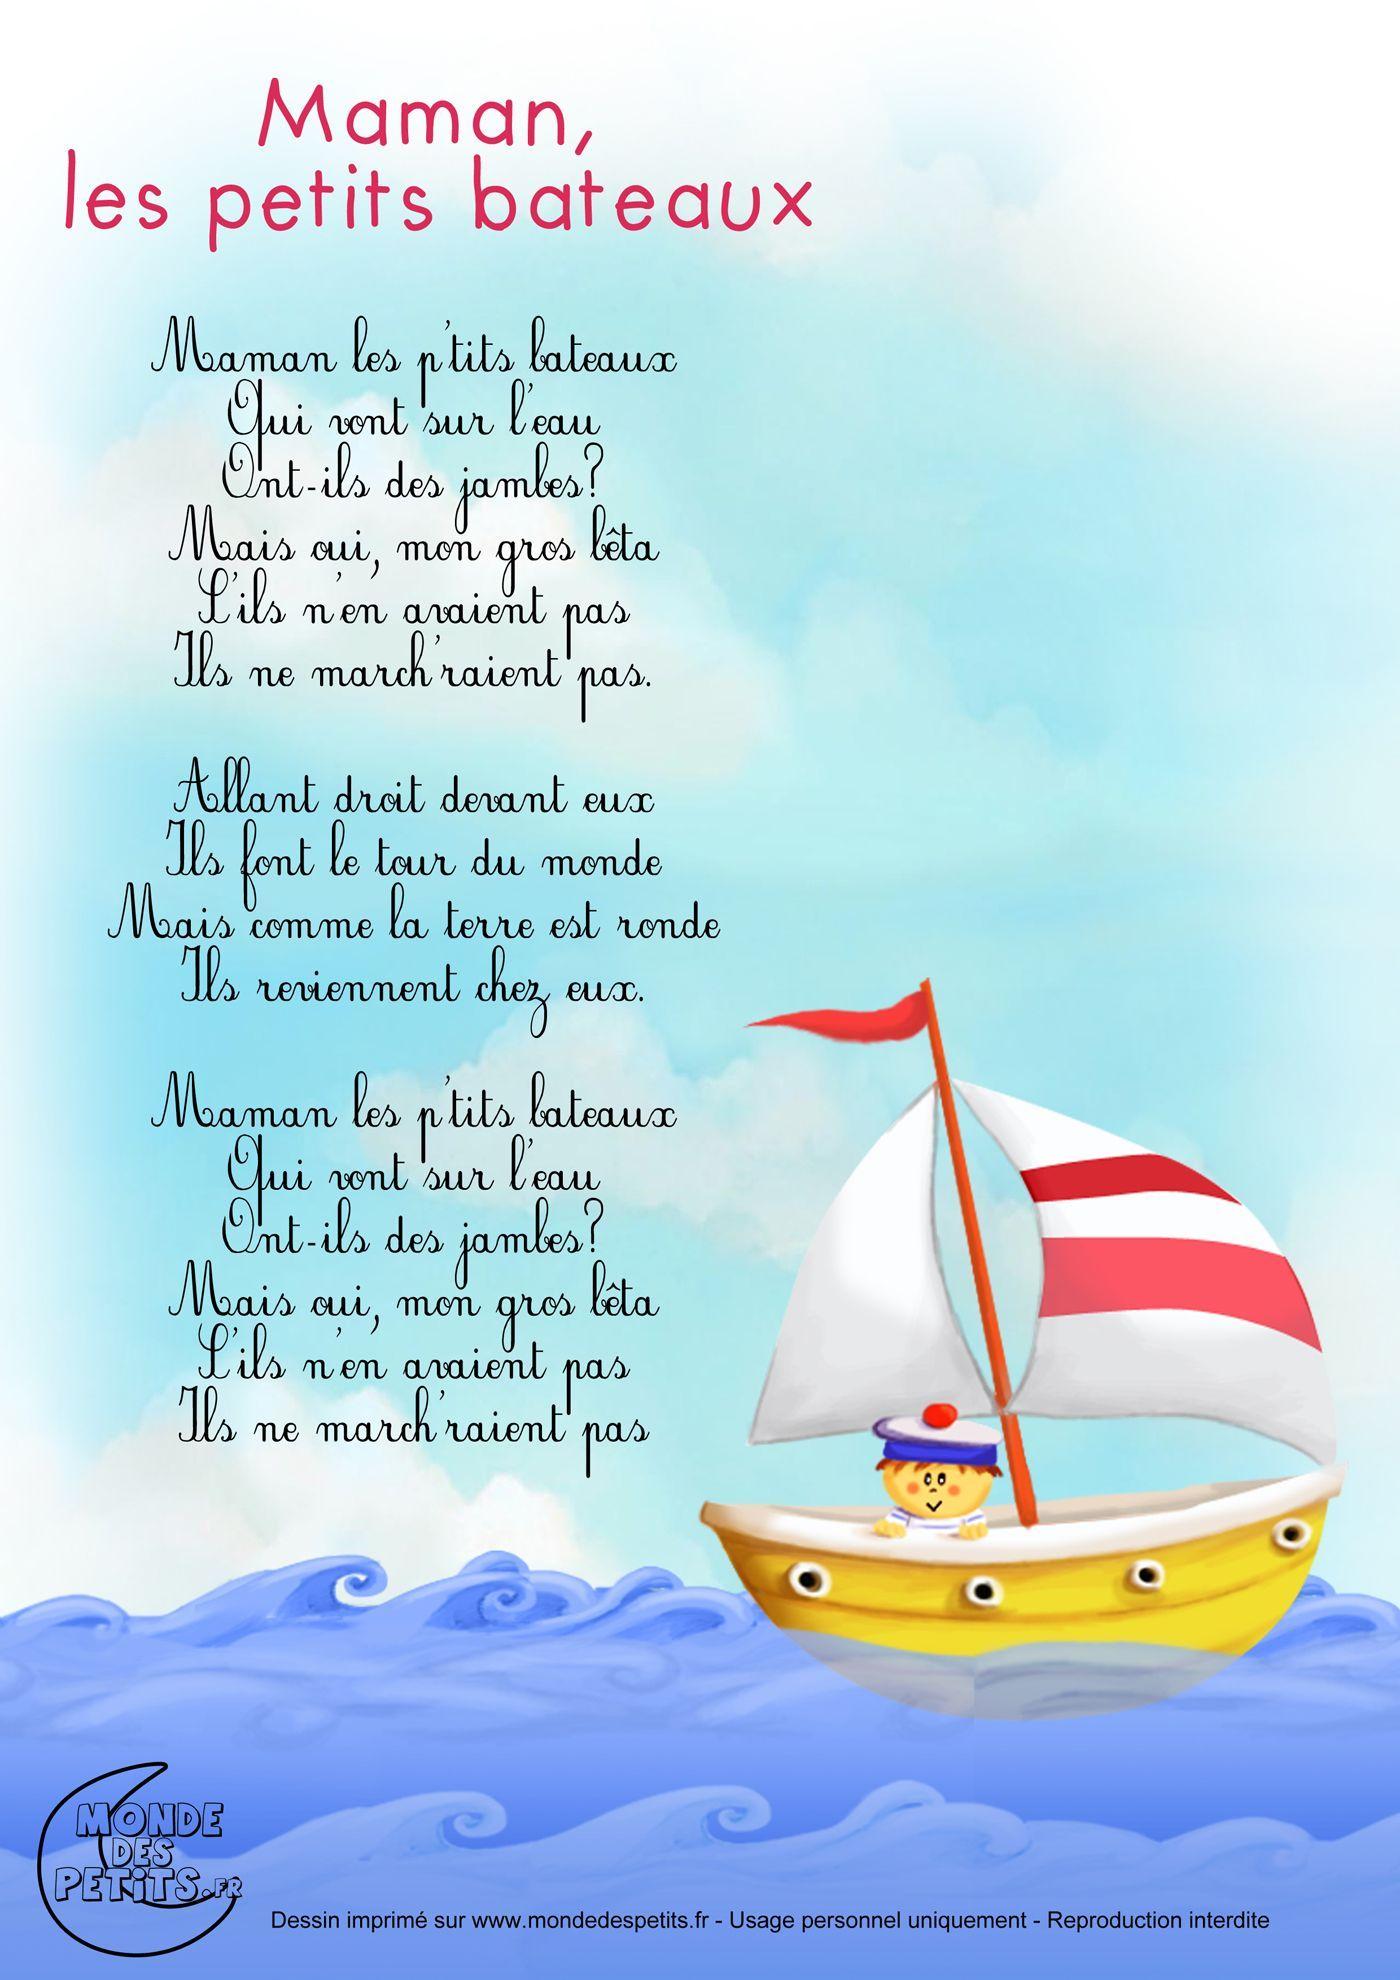 Paroles La Terre Est Ronde : paroles, terre, ronde, Paroles_Maman,, Petits, Bateaux, Lessen, Frans,, Kinderliedjes,, Liedjesteksten